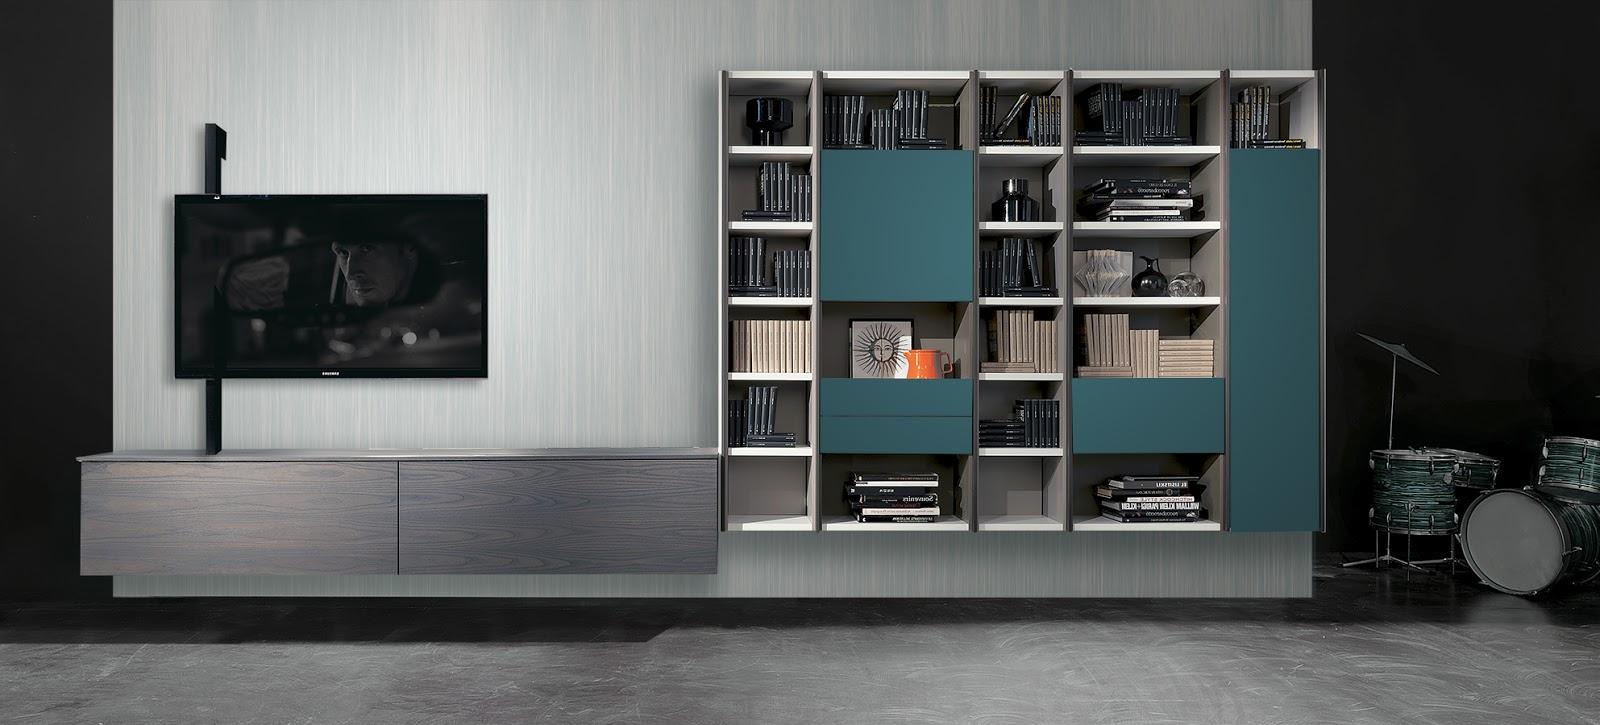 Porta Tv Rack.Fimar Mobili Idee Libreria Edis 3 Con Porta Tv Rack Flaf